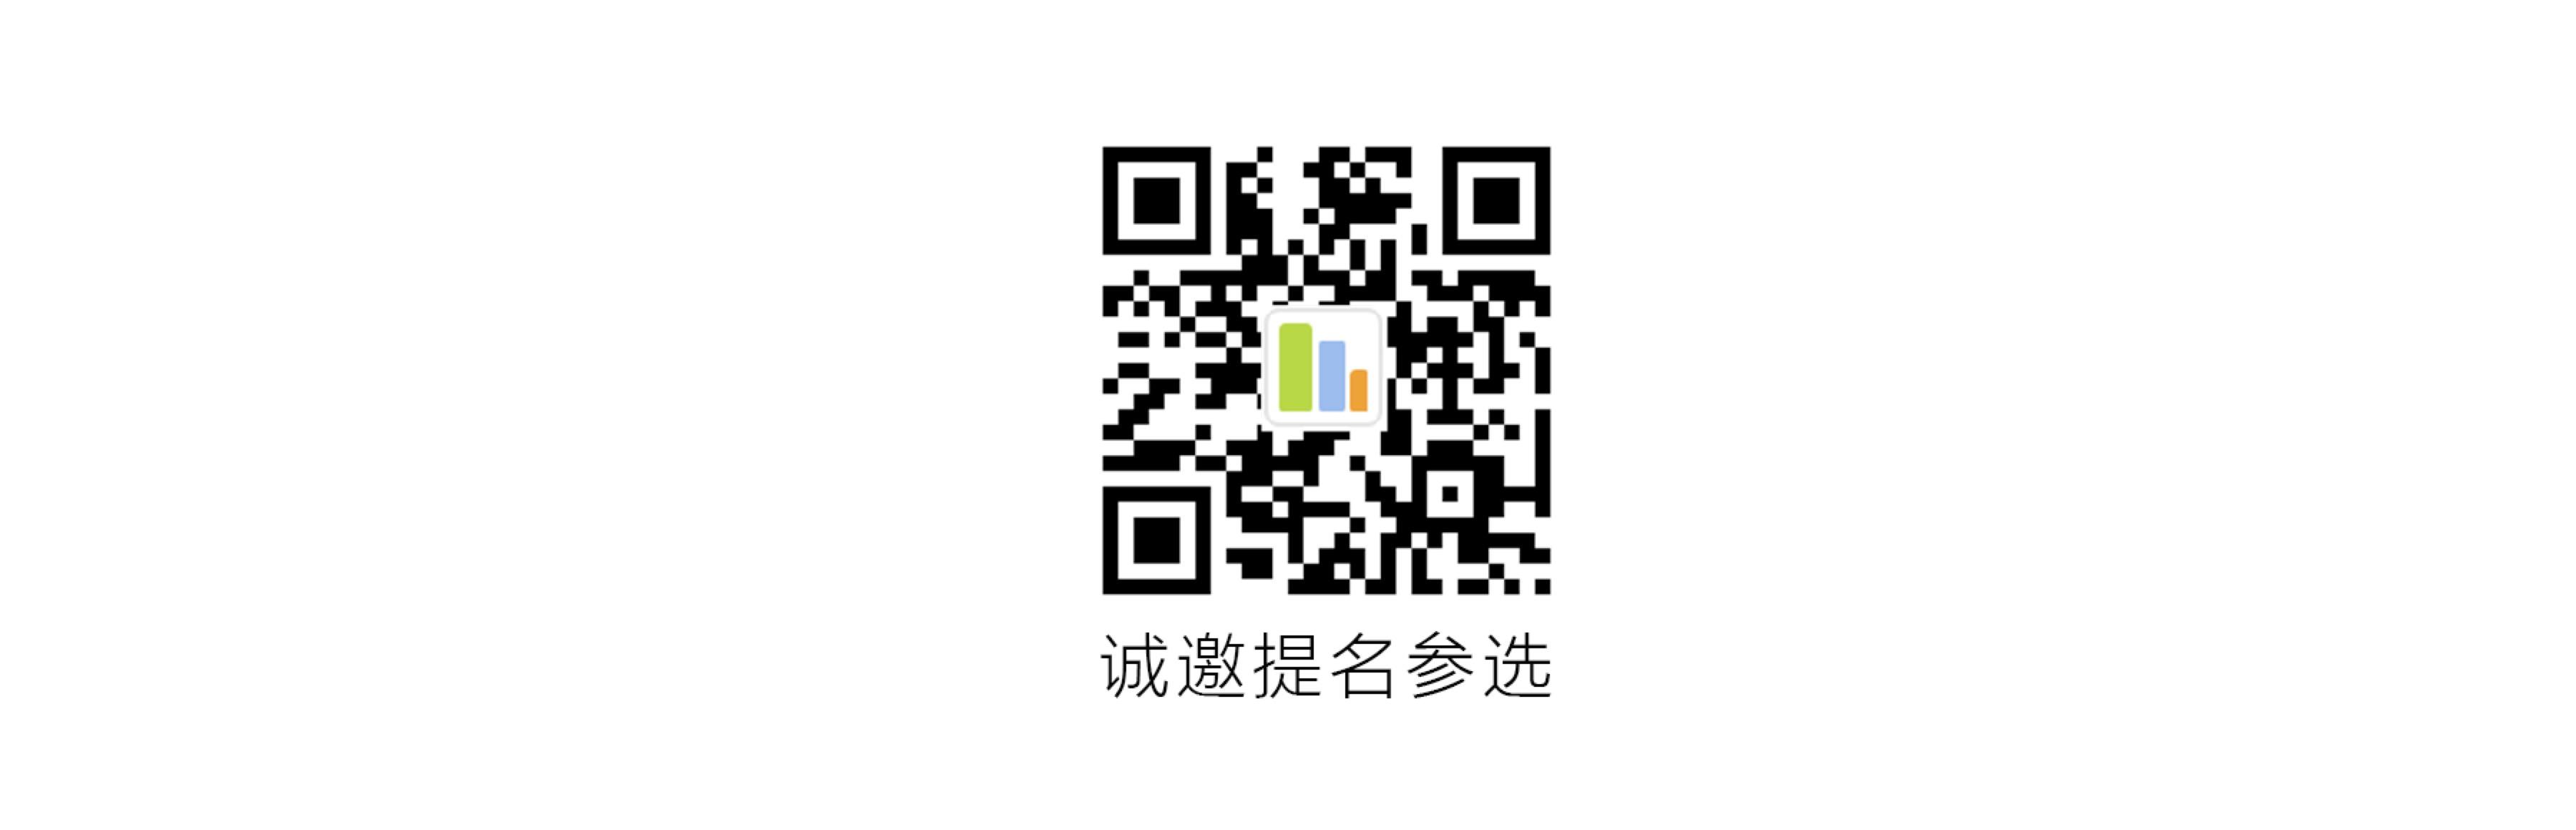 中国人力资源科技极客评选 HRTechGeek Awards 提名开始!--寻找中国的HRTech Geek!